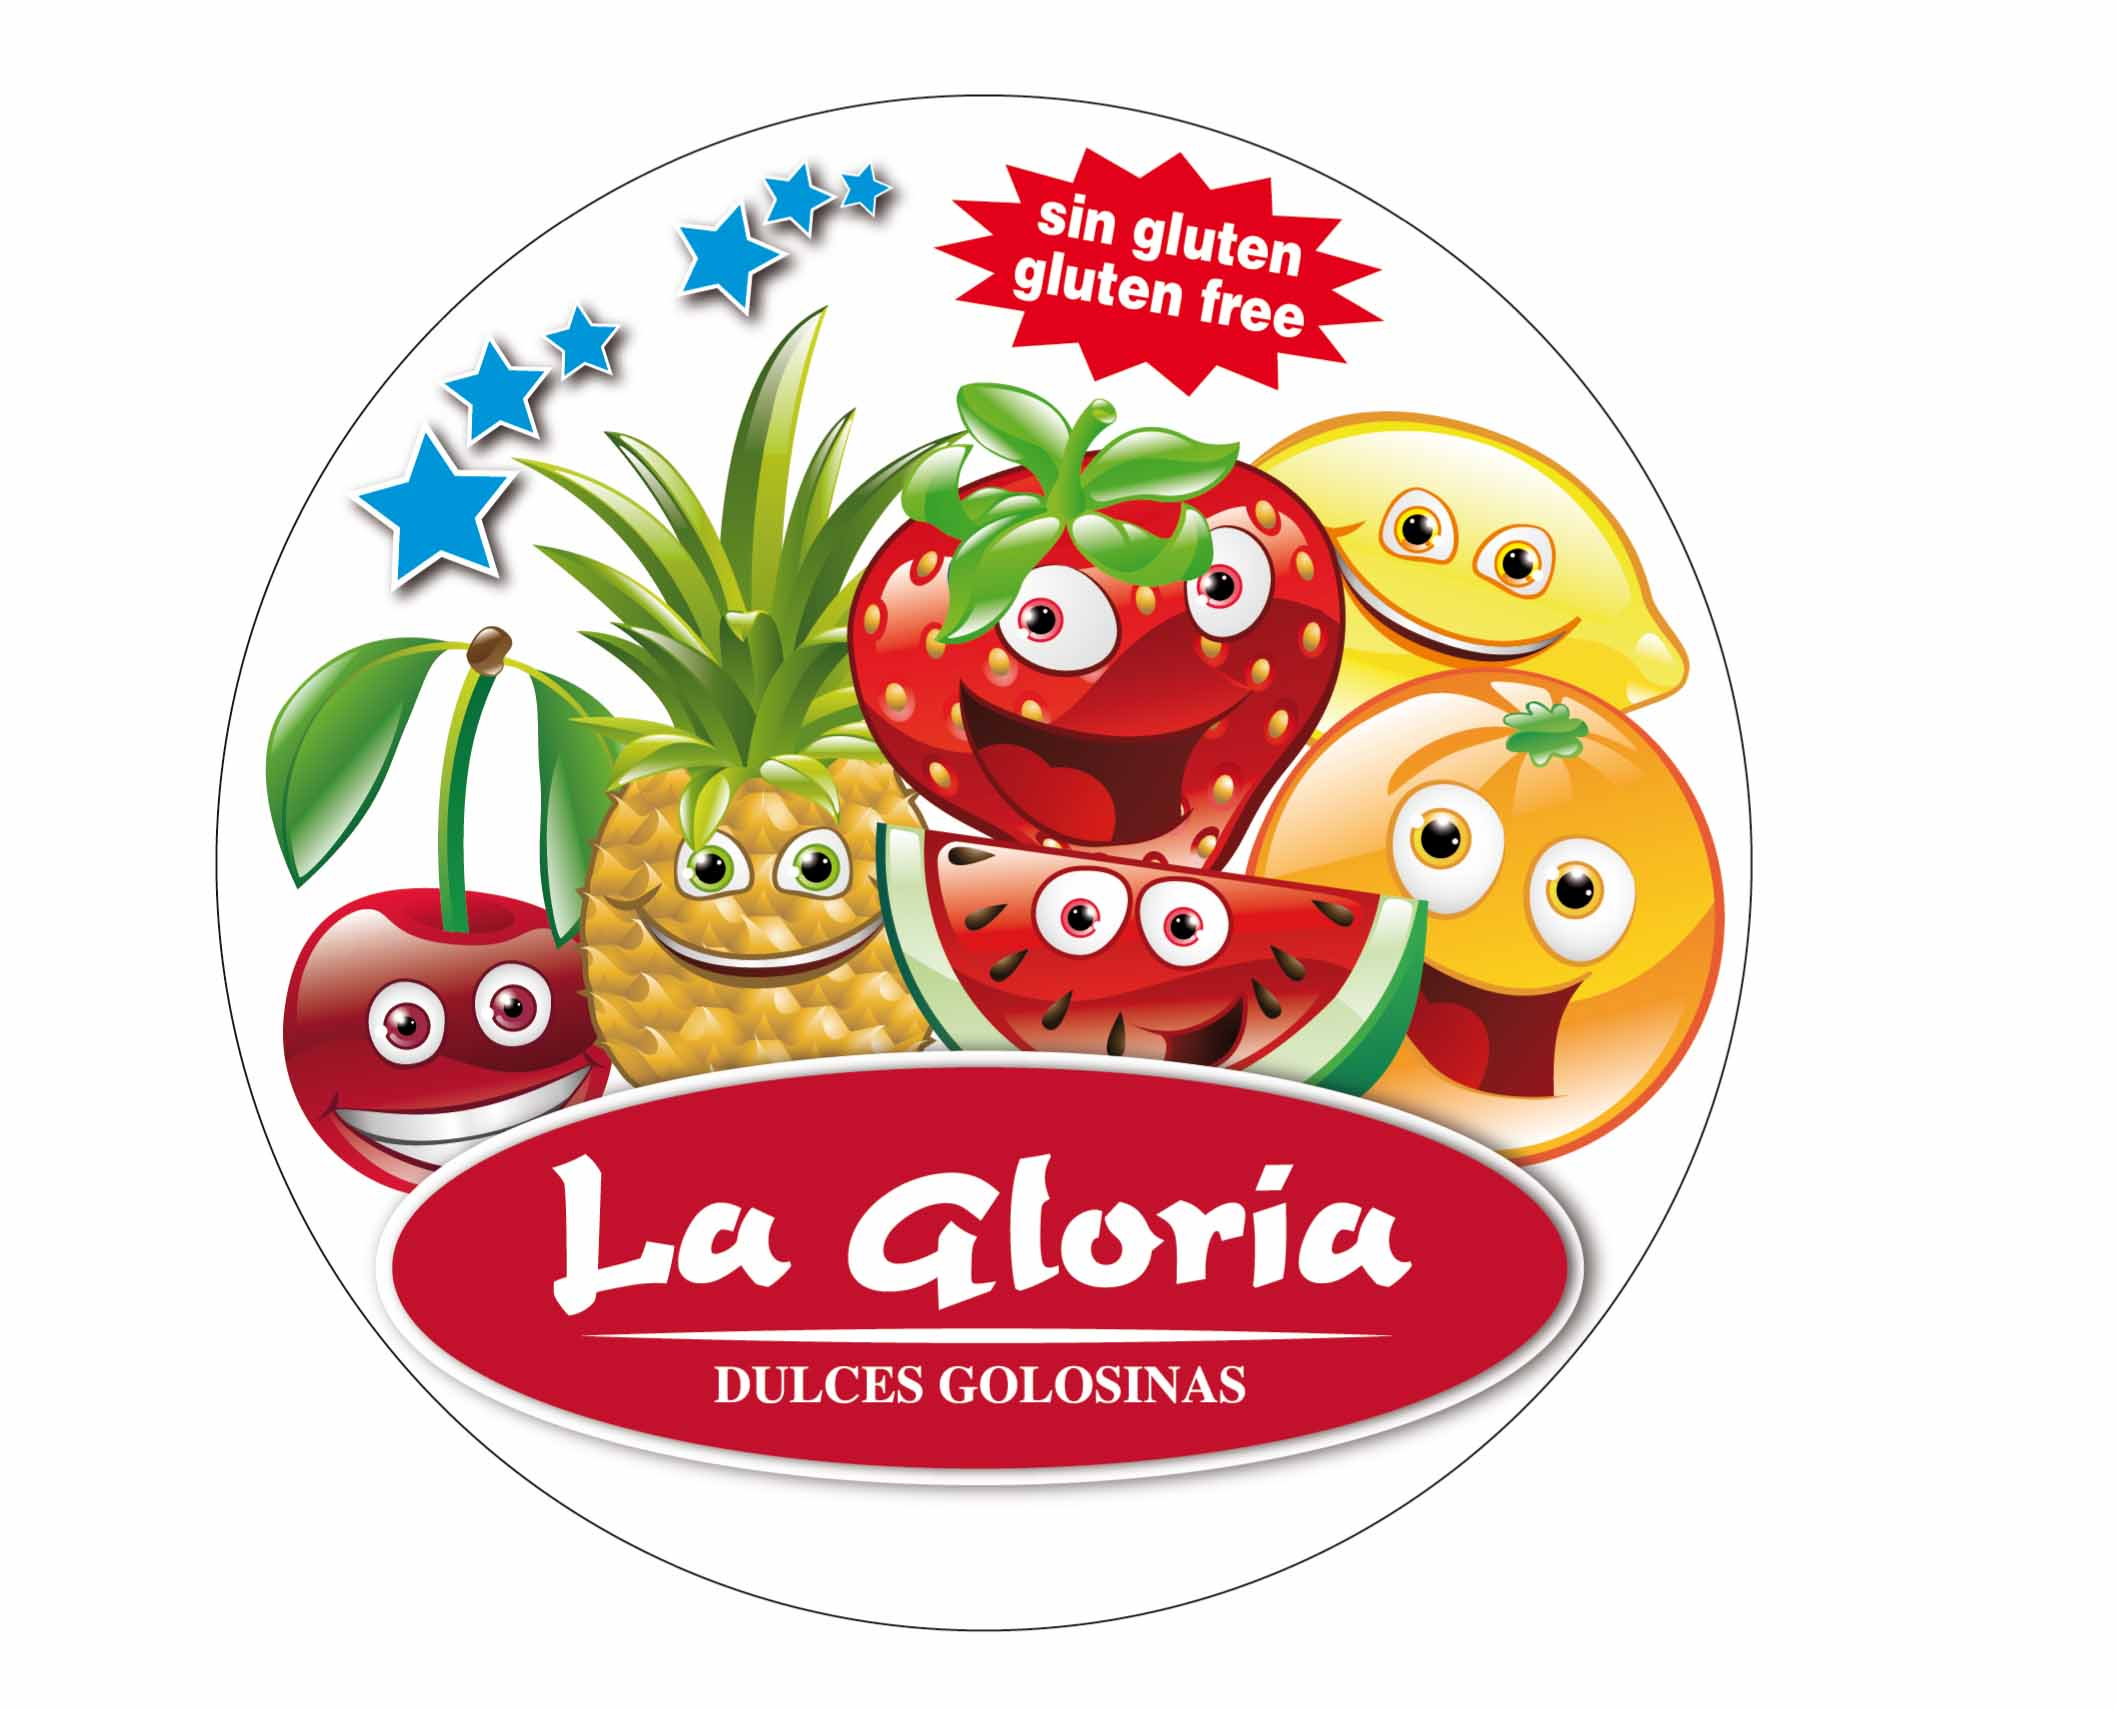 Dulces y Golosinas La Gloria SL